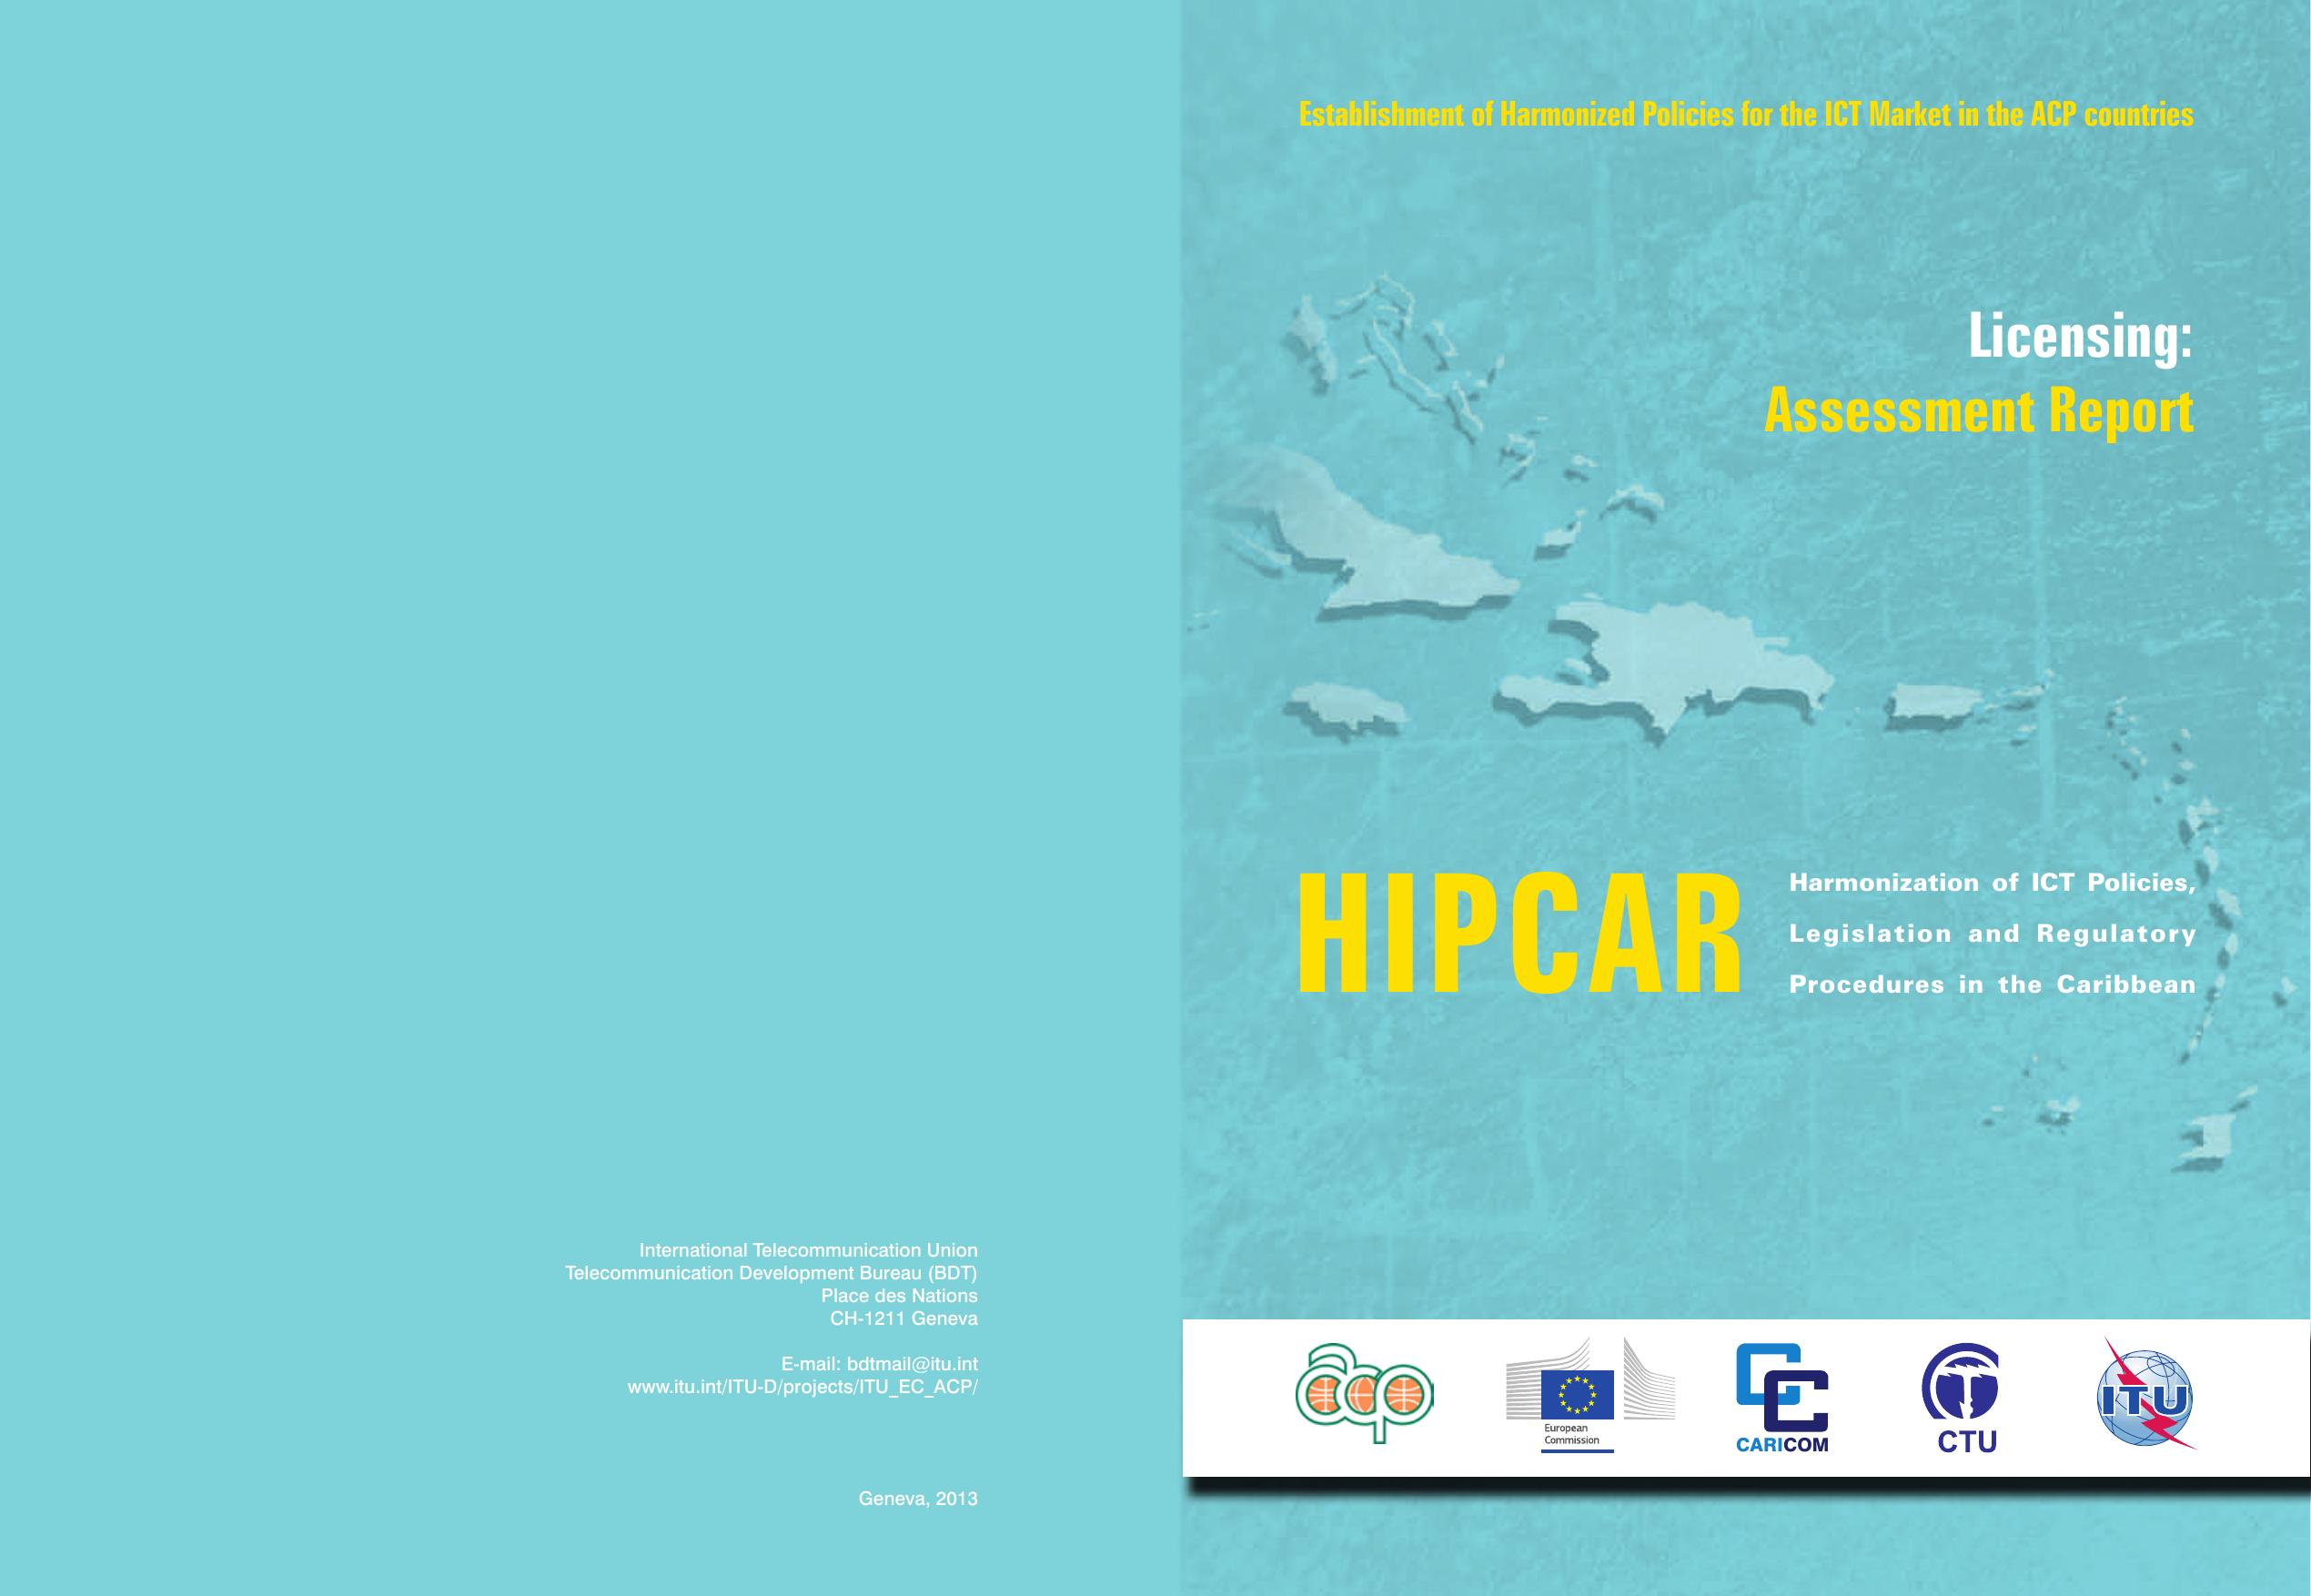 Hipcar Licensing Assessment Report